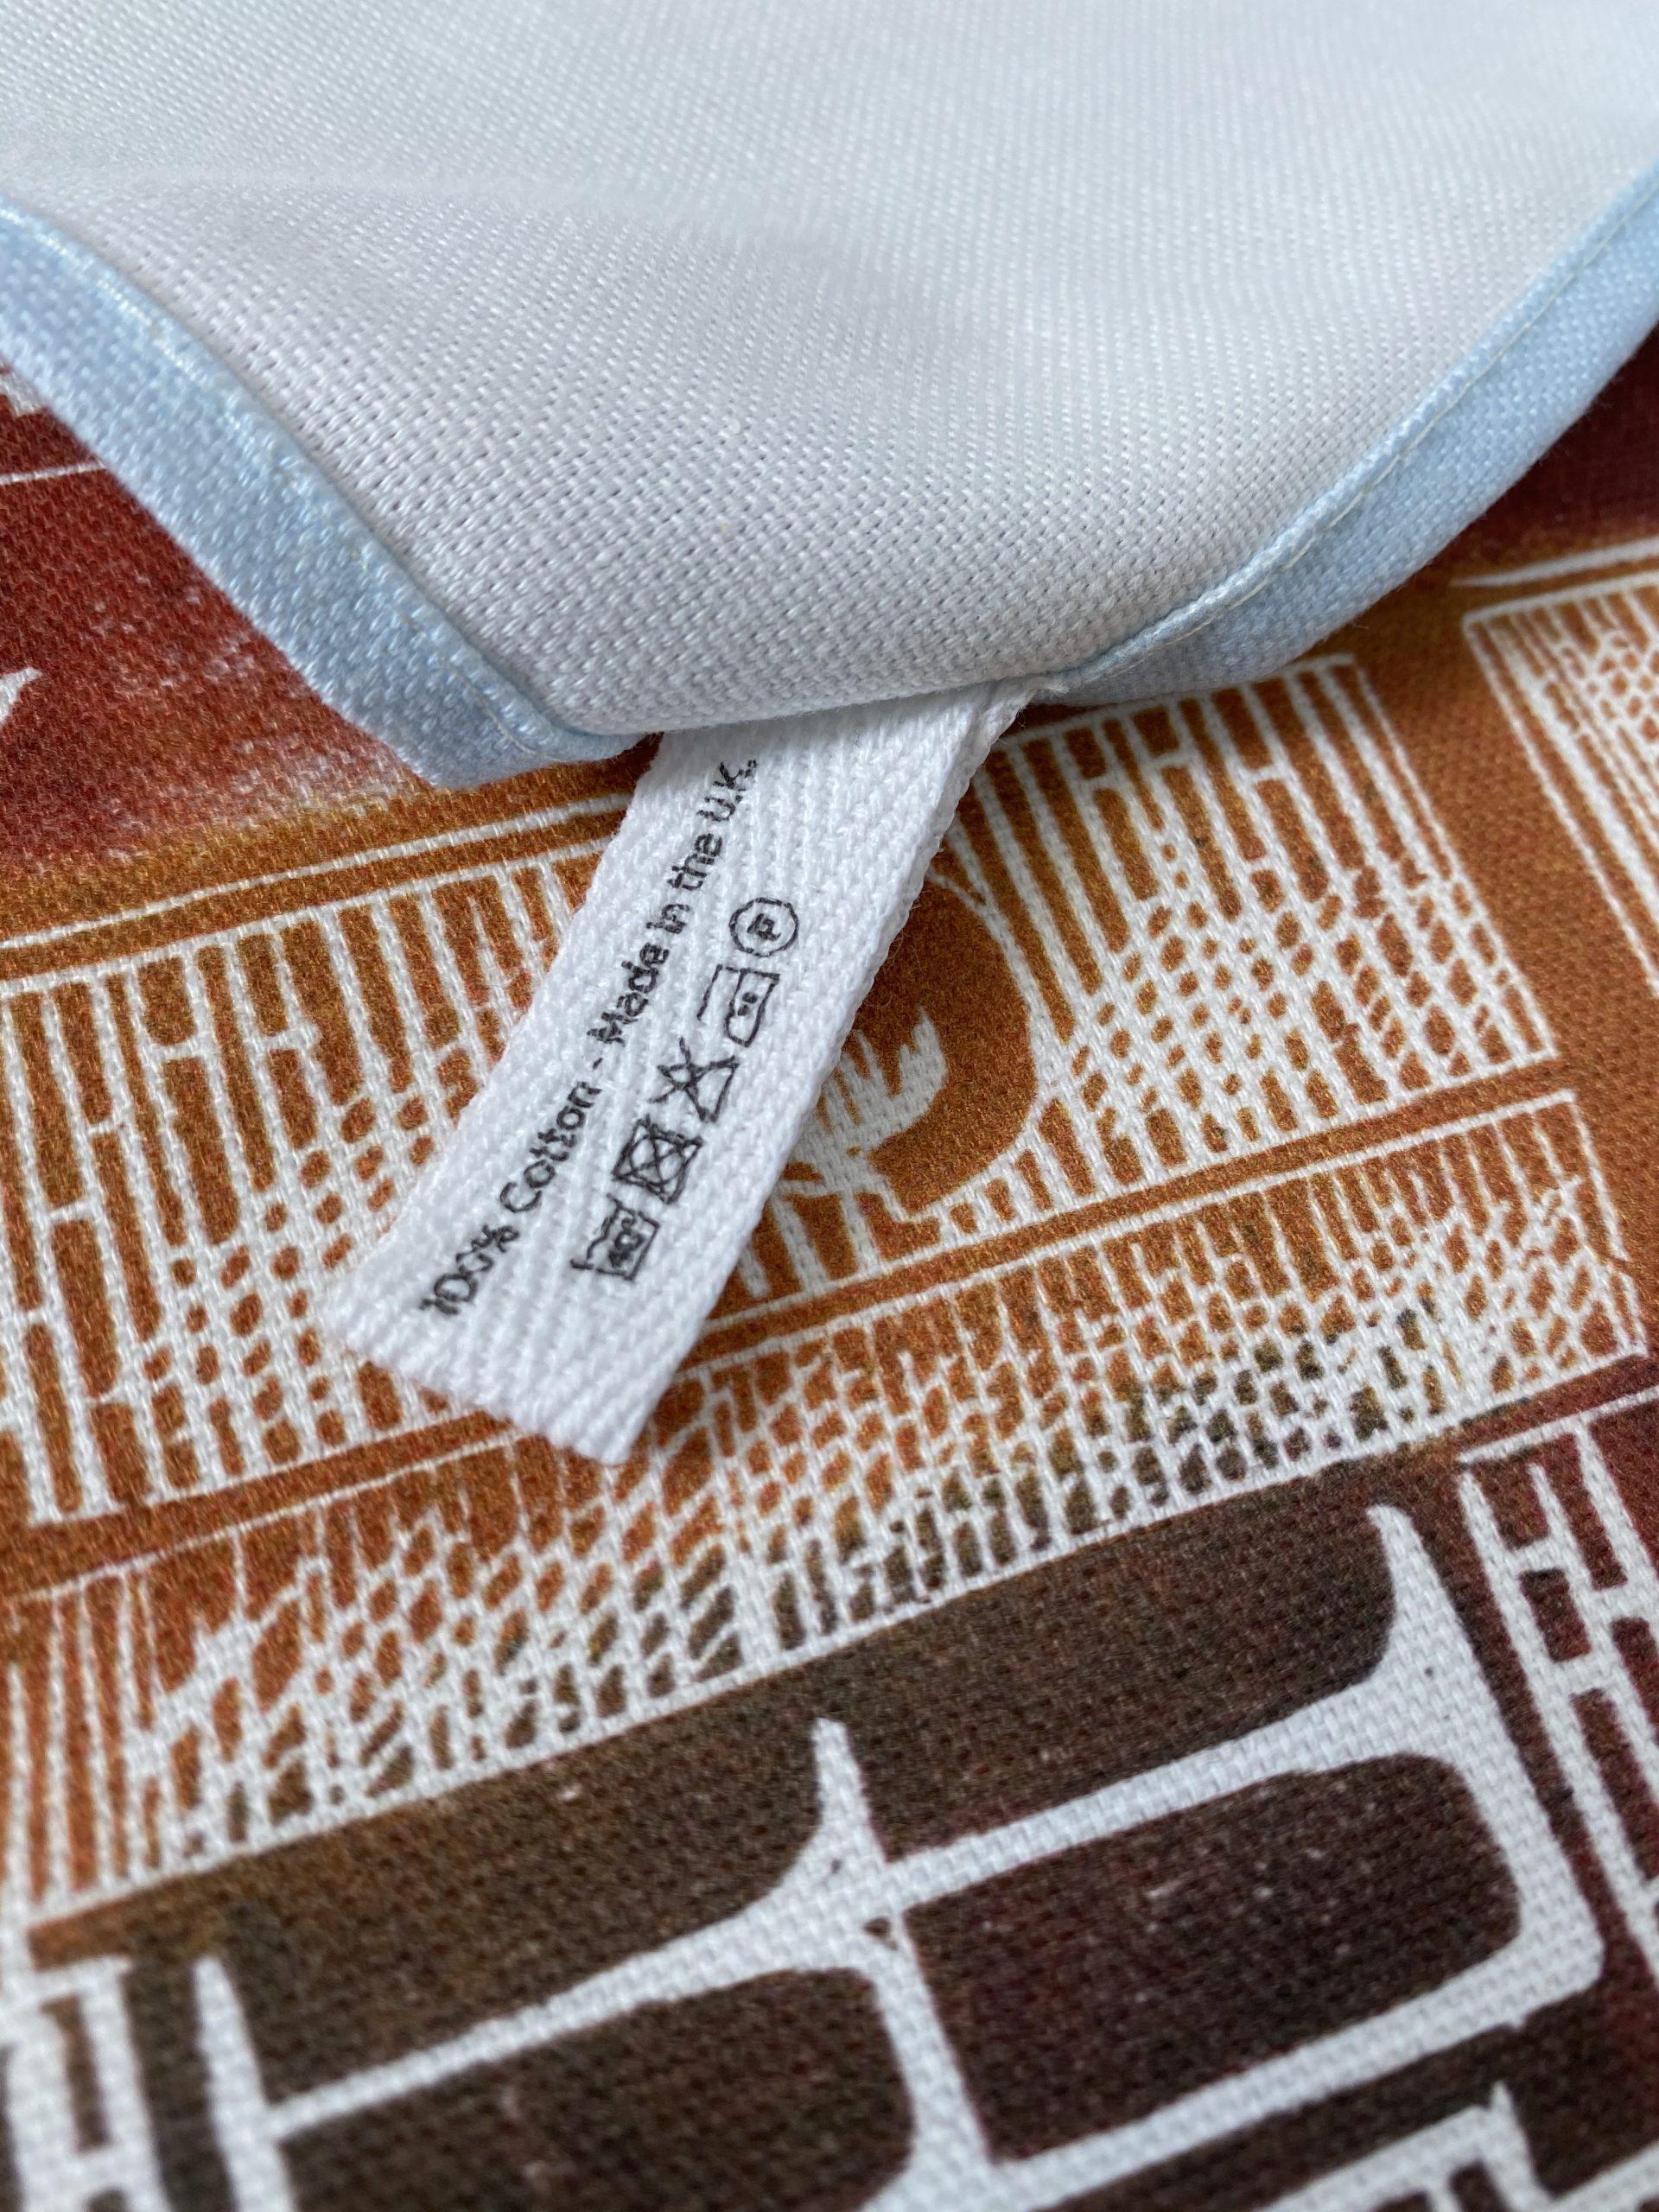 HRP Hampton Court Palace organic Tea Towel